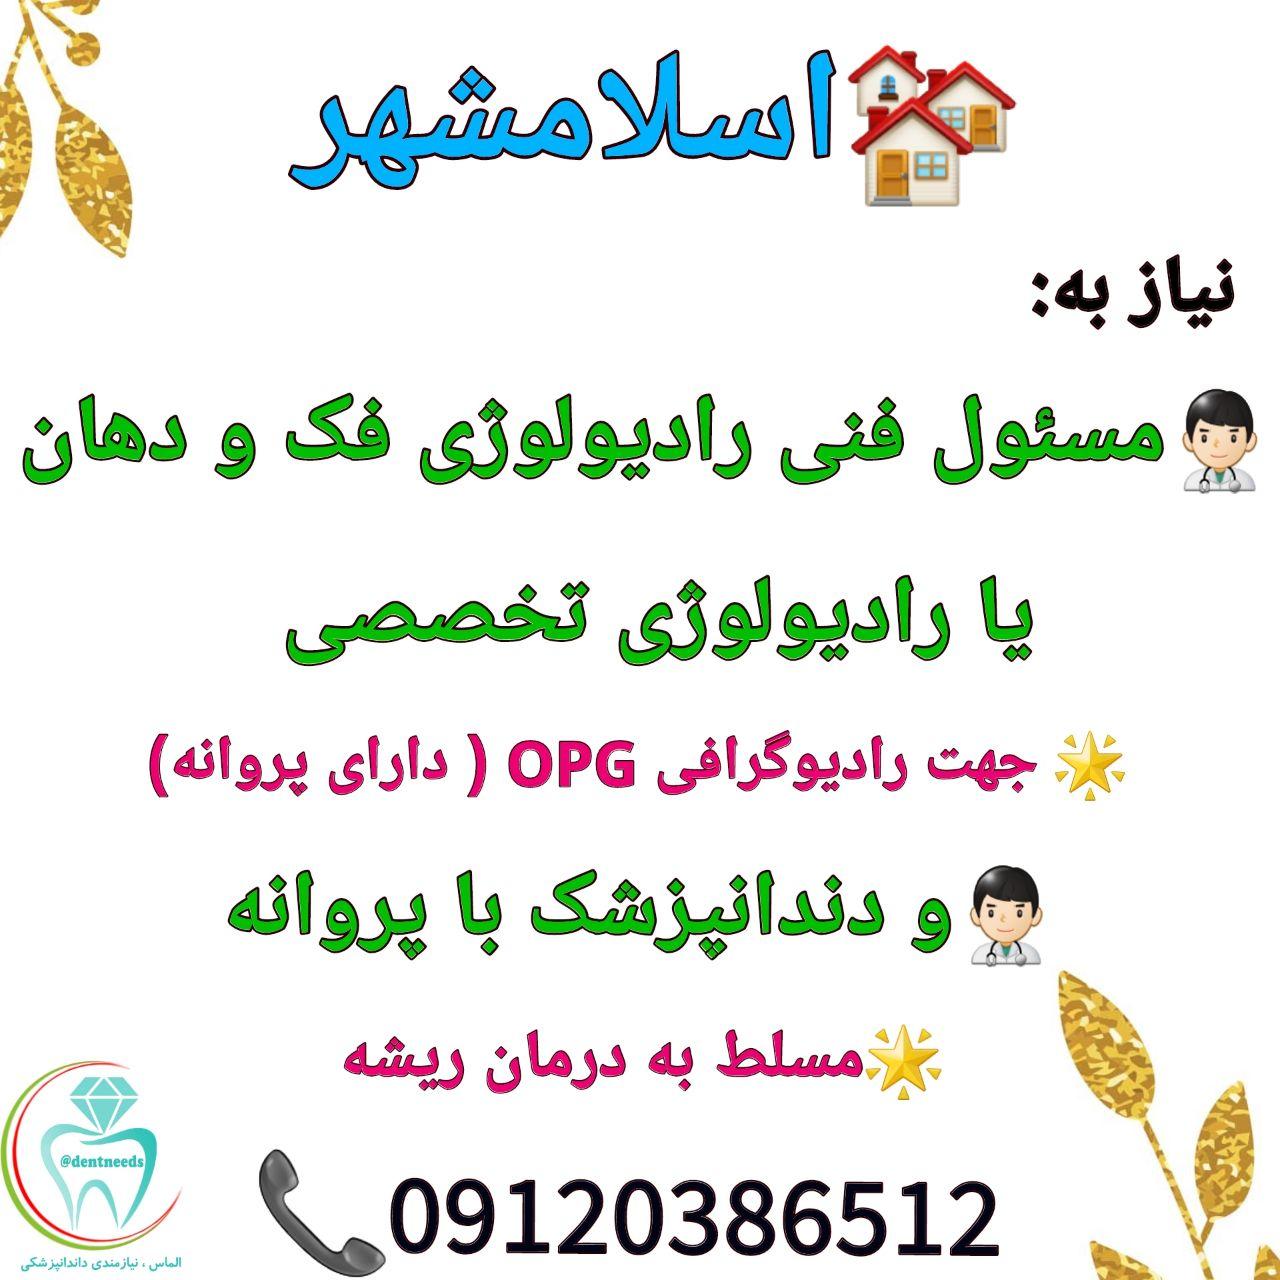 اسلامشهر: نیاز به مسئول فنی رادیولوژی فک و دهان، یا رادیولوژی تخصصی، و دندانپزشک با پروانه